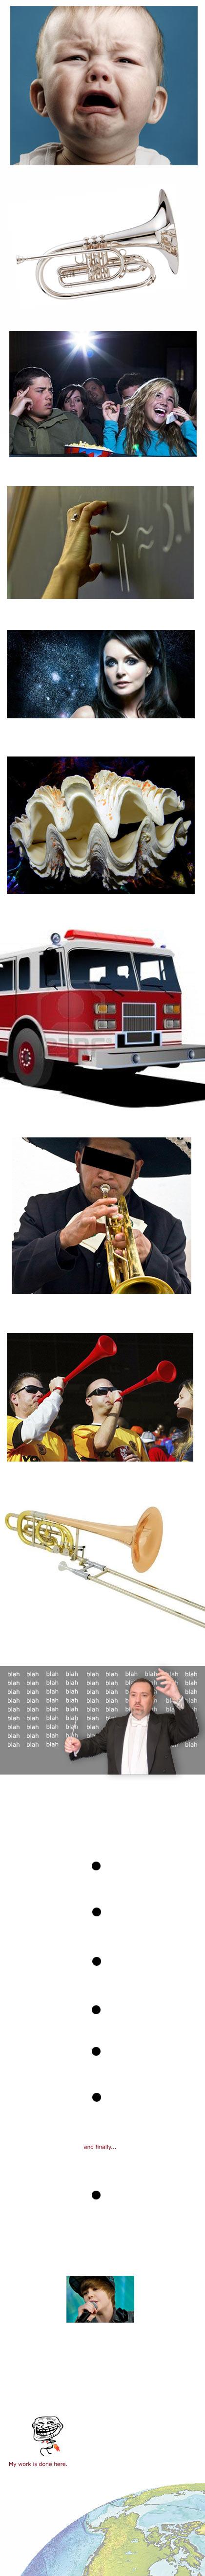 Annoying Sounds - Horn Matters